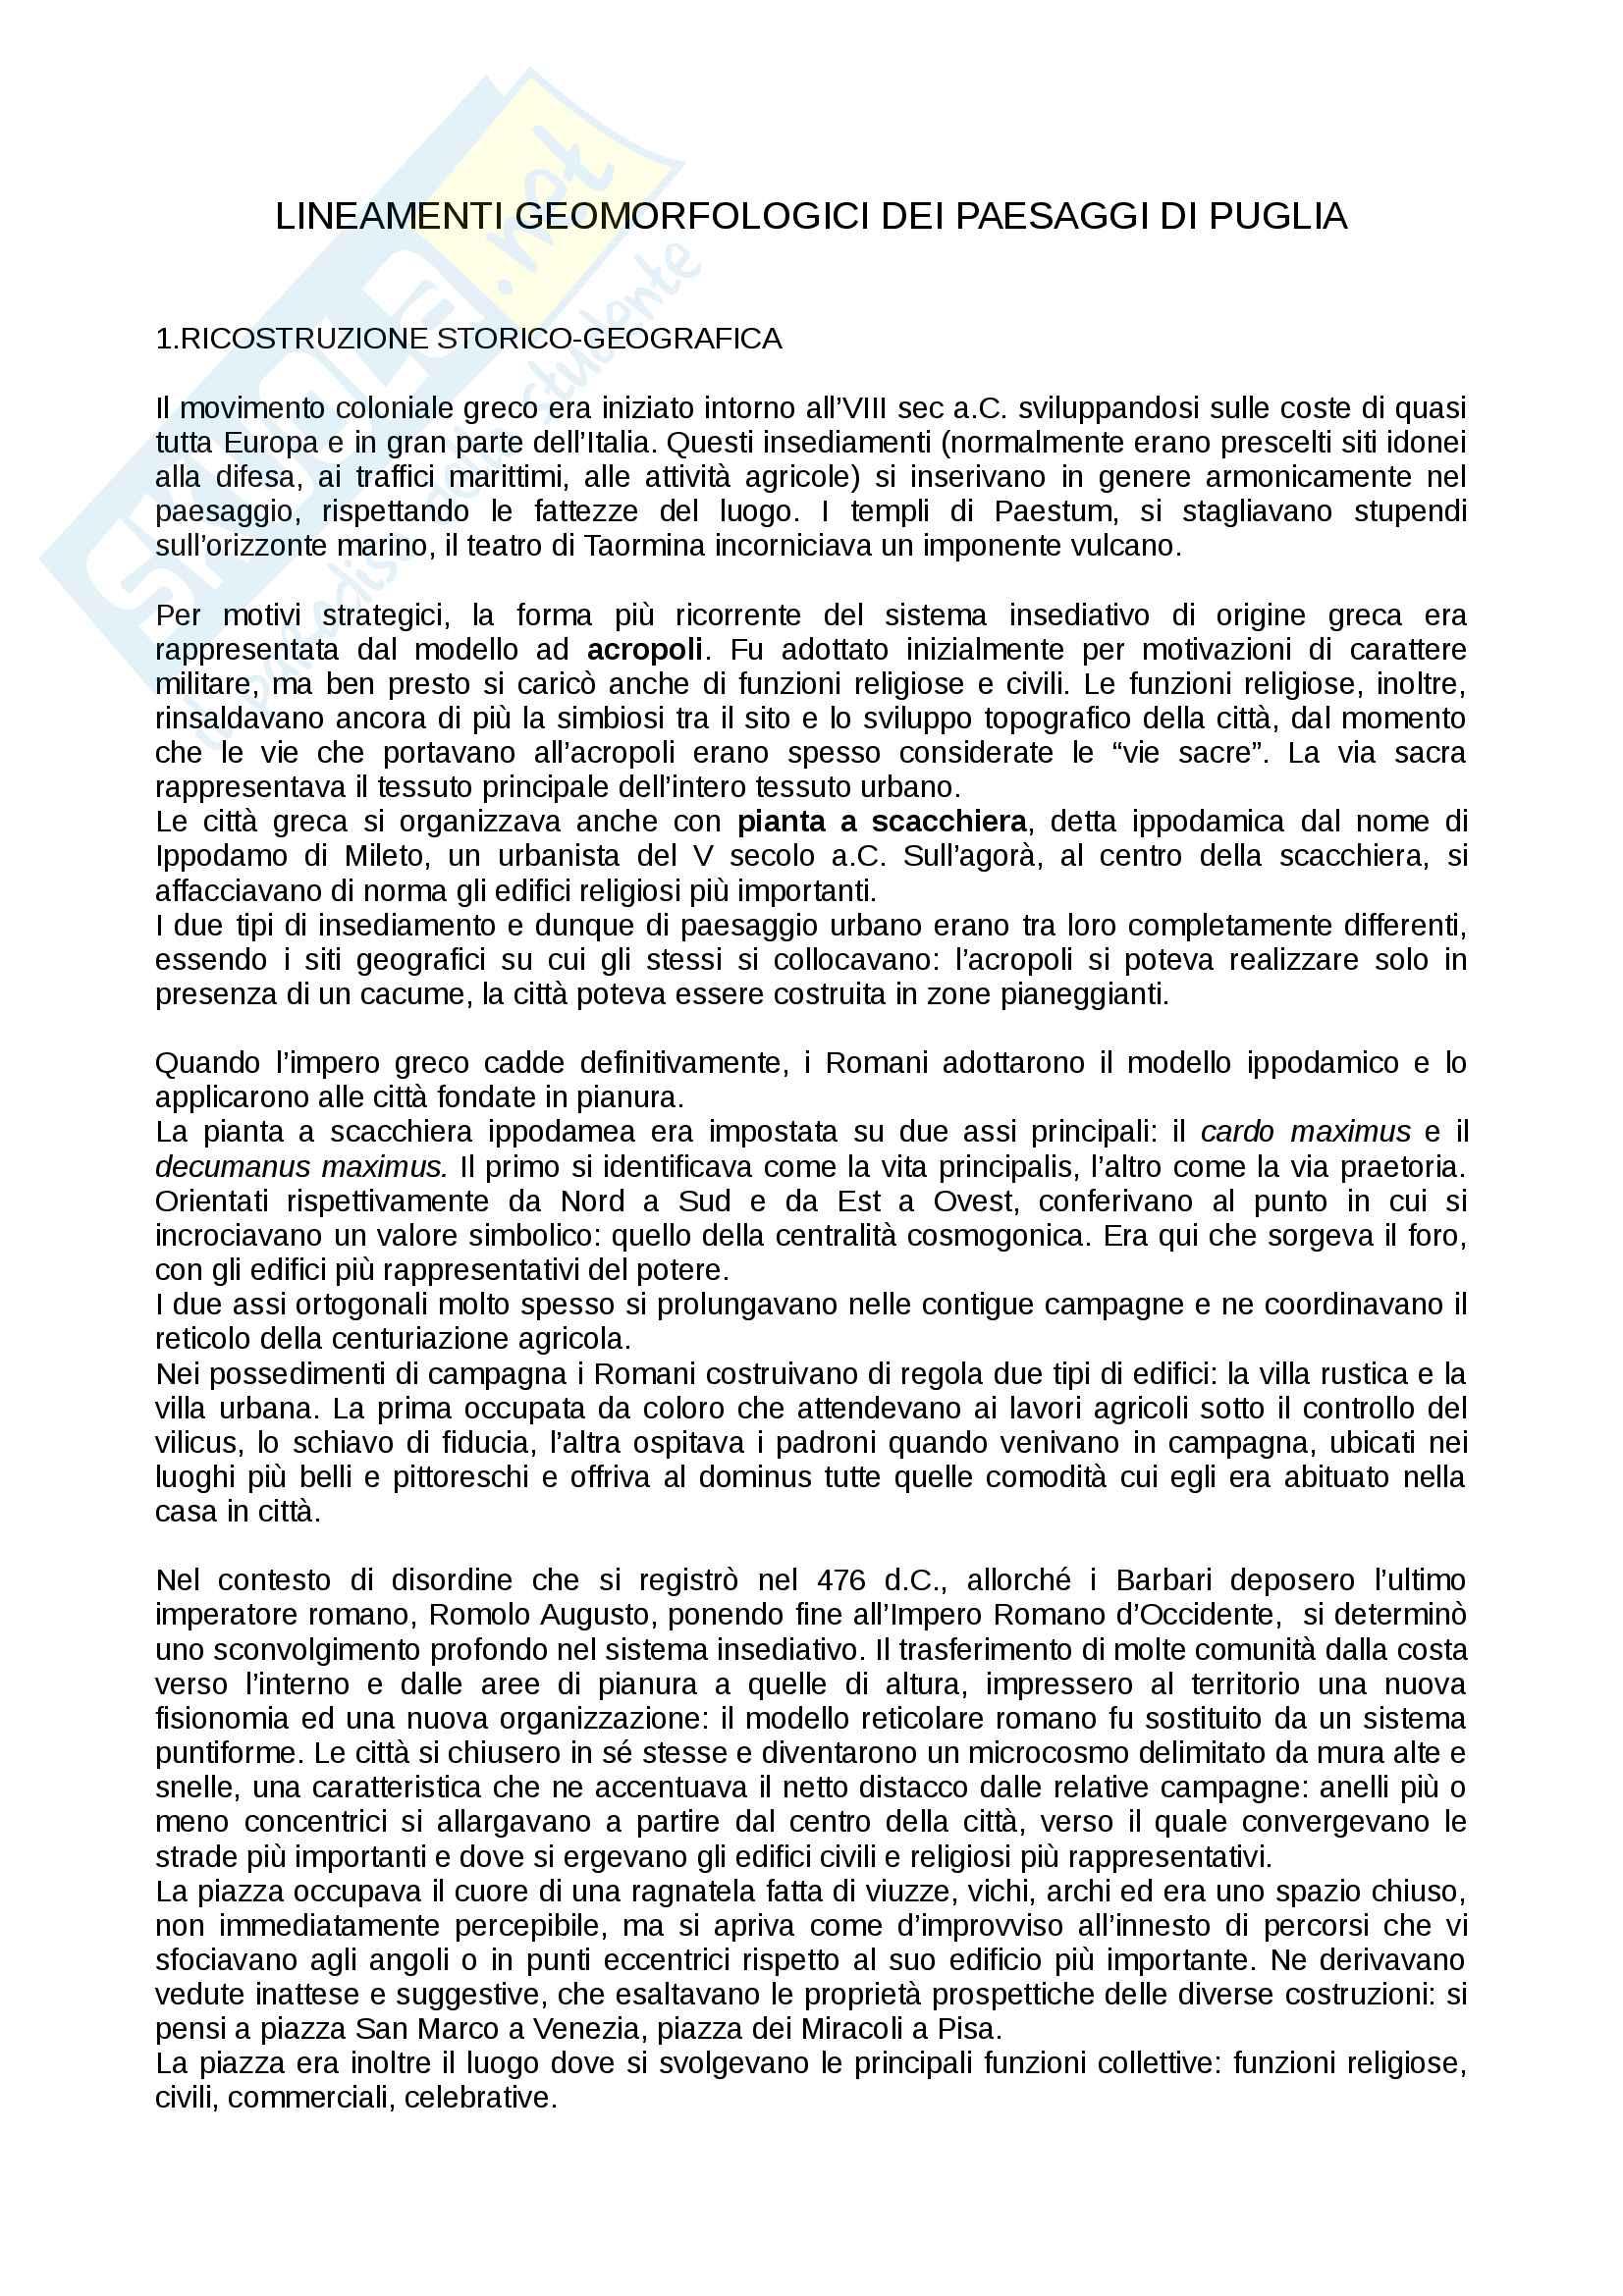 Riassunto esame Geografia, prof. Rossi, libro consigliato Lineamenti geomorfologici dei paesaggi italiani